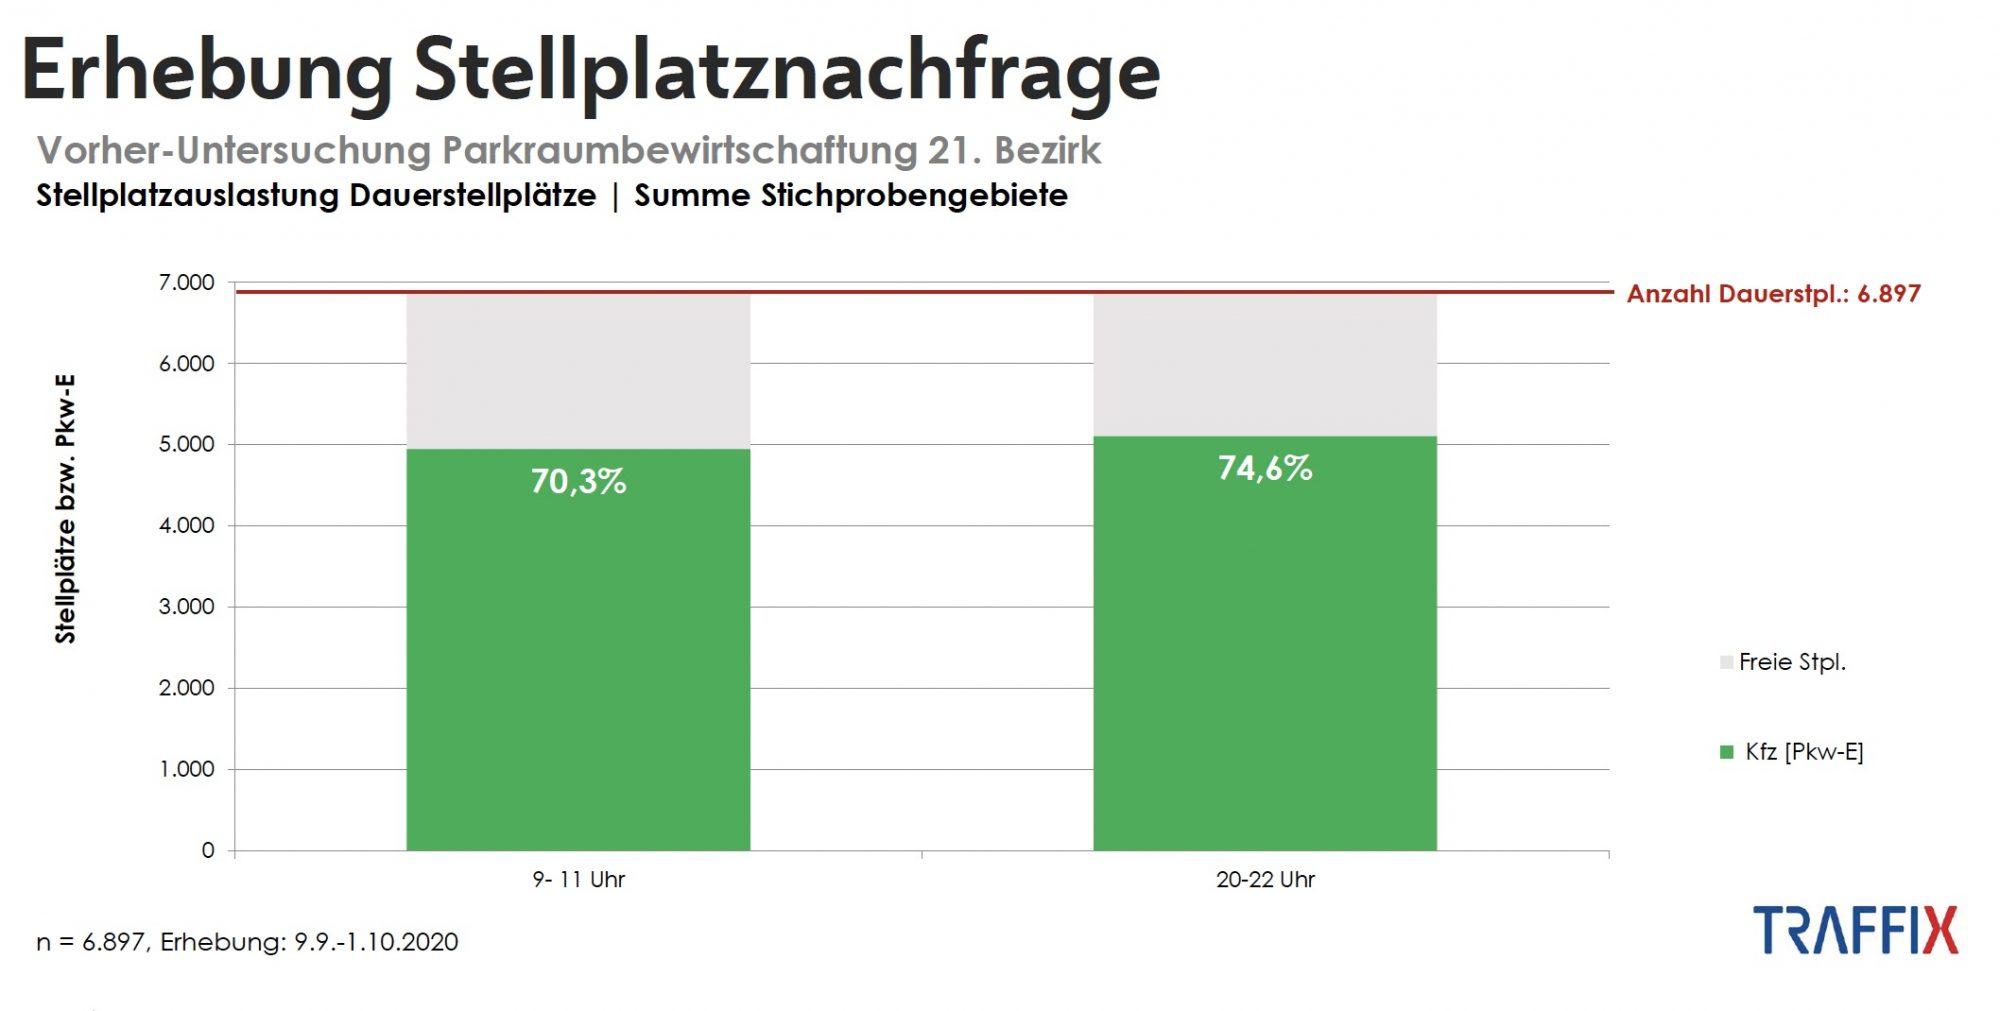 Erhebung Stellplatznachfrage. Bild: Stadt Wien - Stadtentwicklung und Stadtplanung, Traffix.